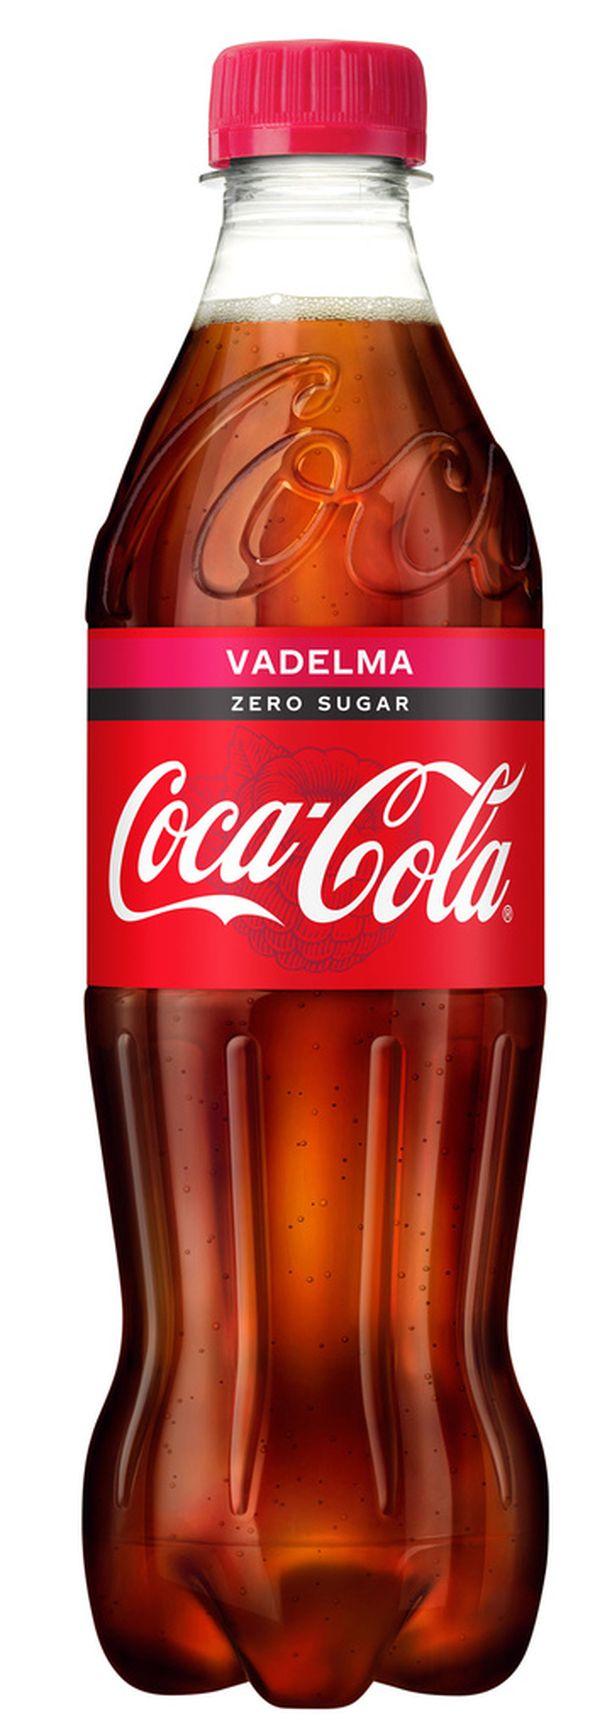 Coca Cola Vadelma